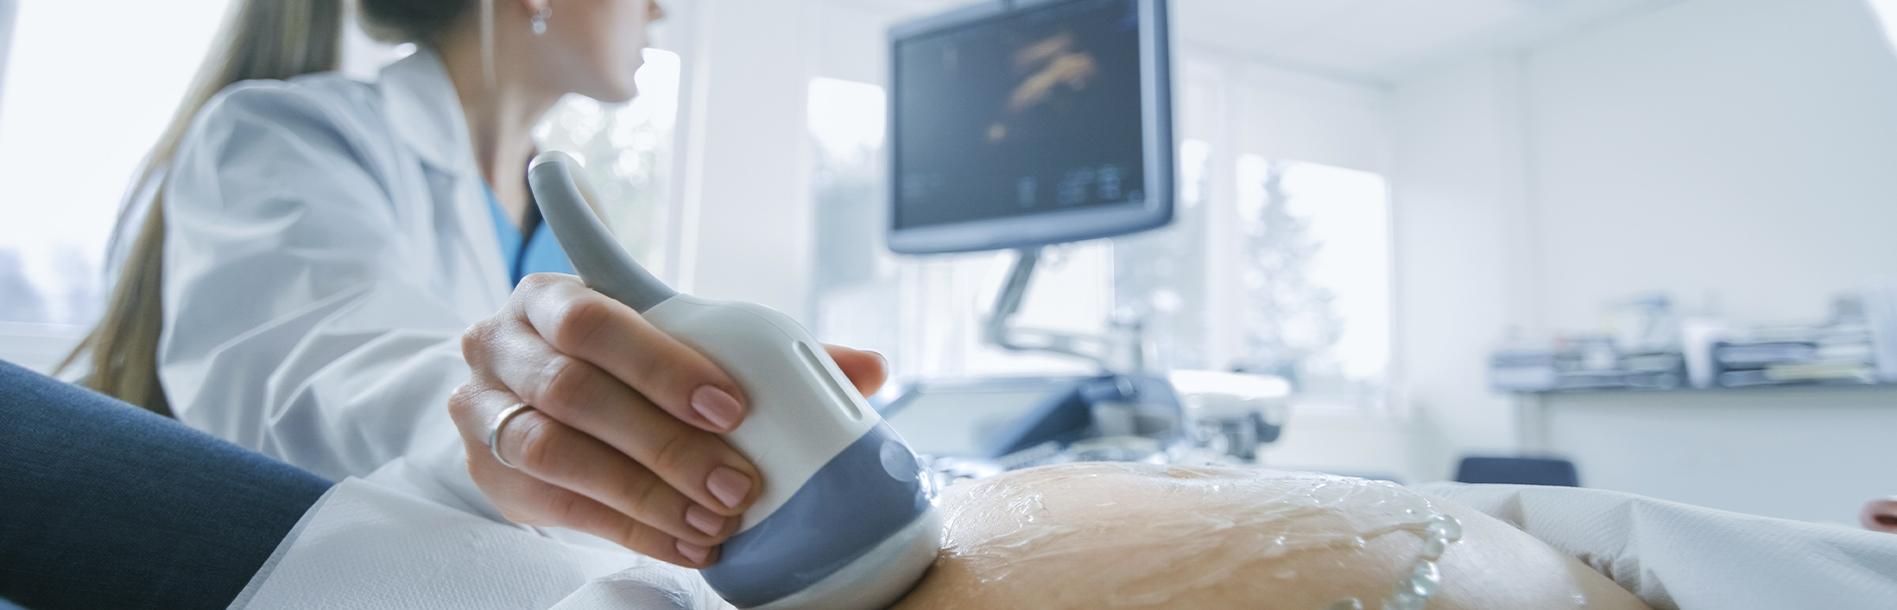 Ultrassonografia obstétrica: todas as que a grávida não pode deixar de fazer